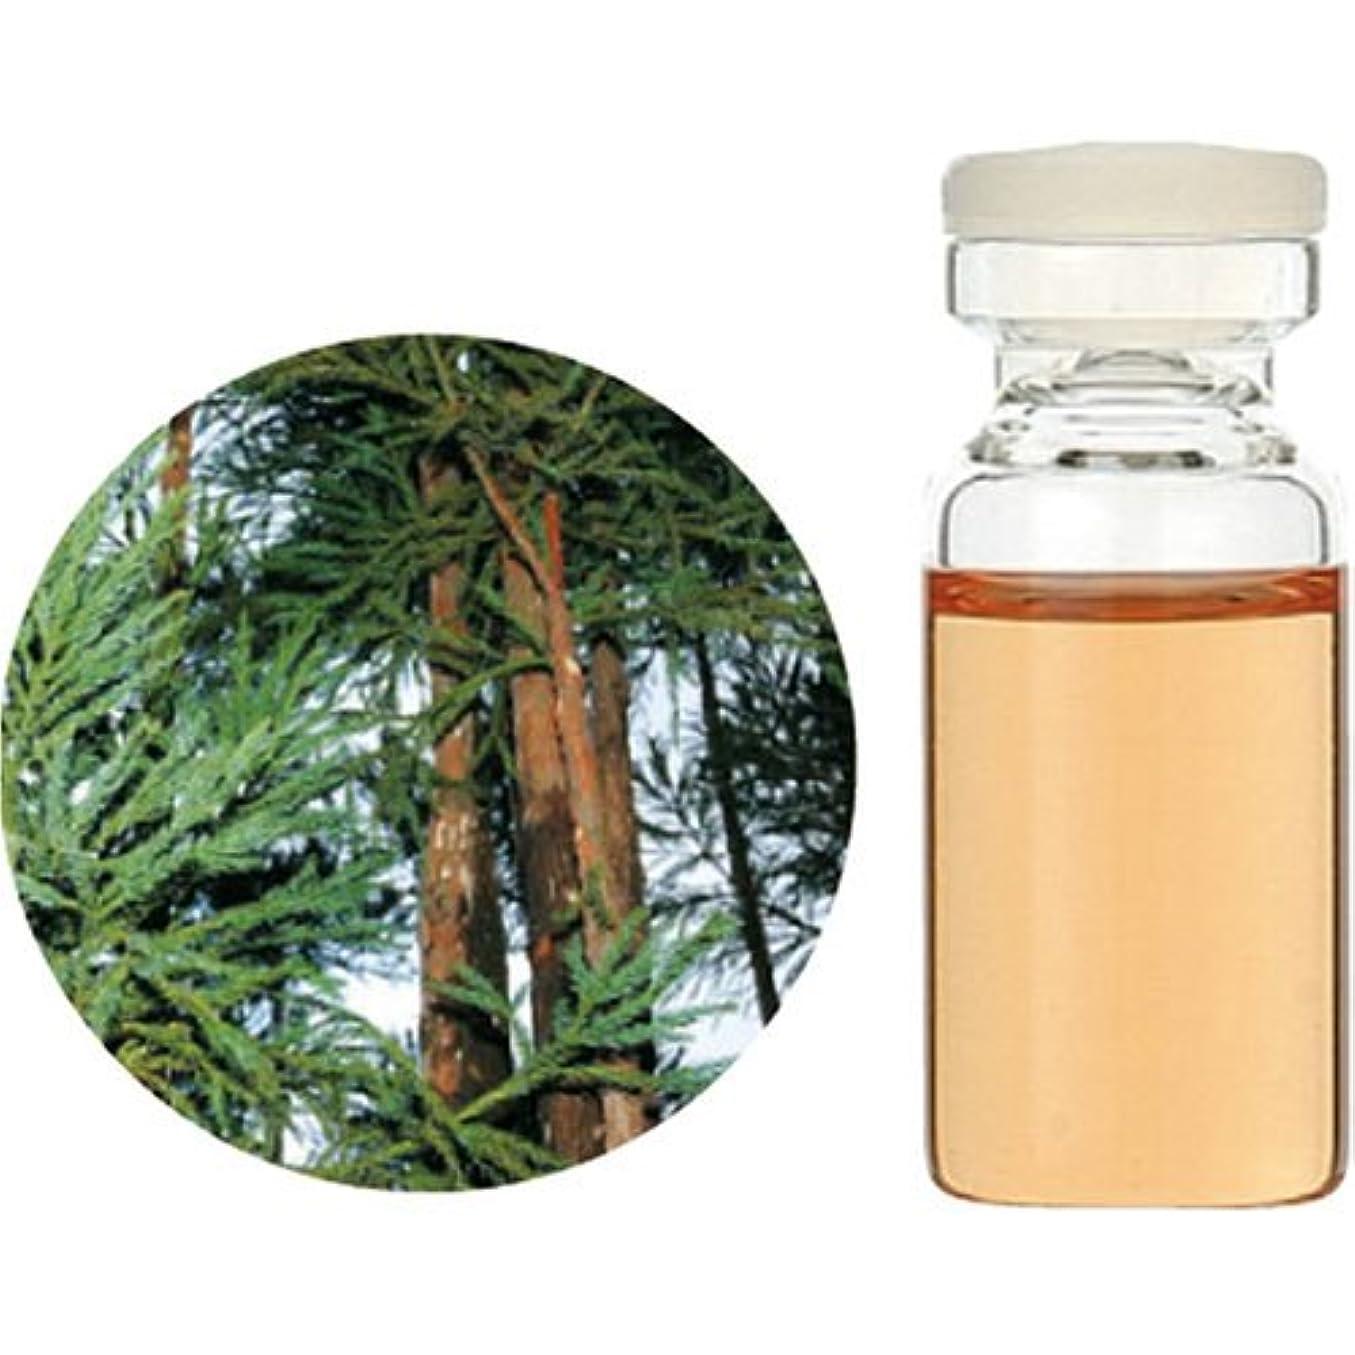 ファンブル成分黒生活の木 C 和精油 杉 (木部) エッセンシャルオイル 10ml